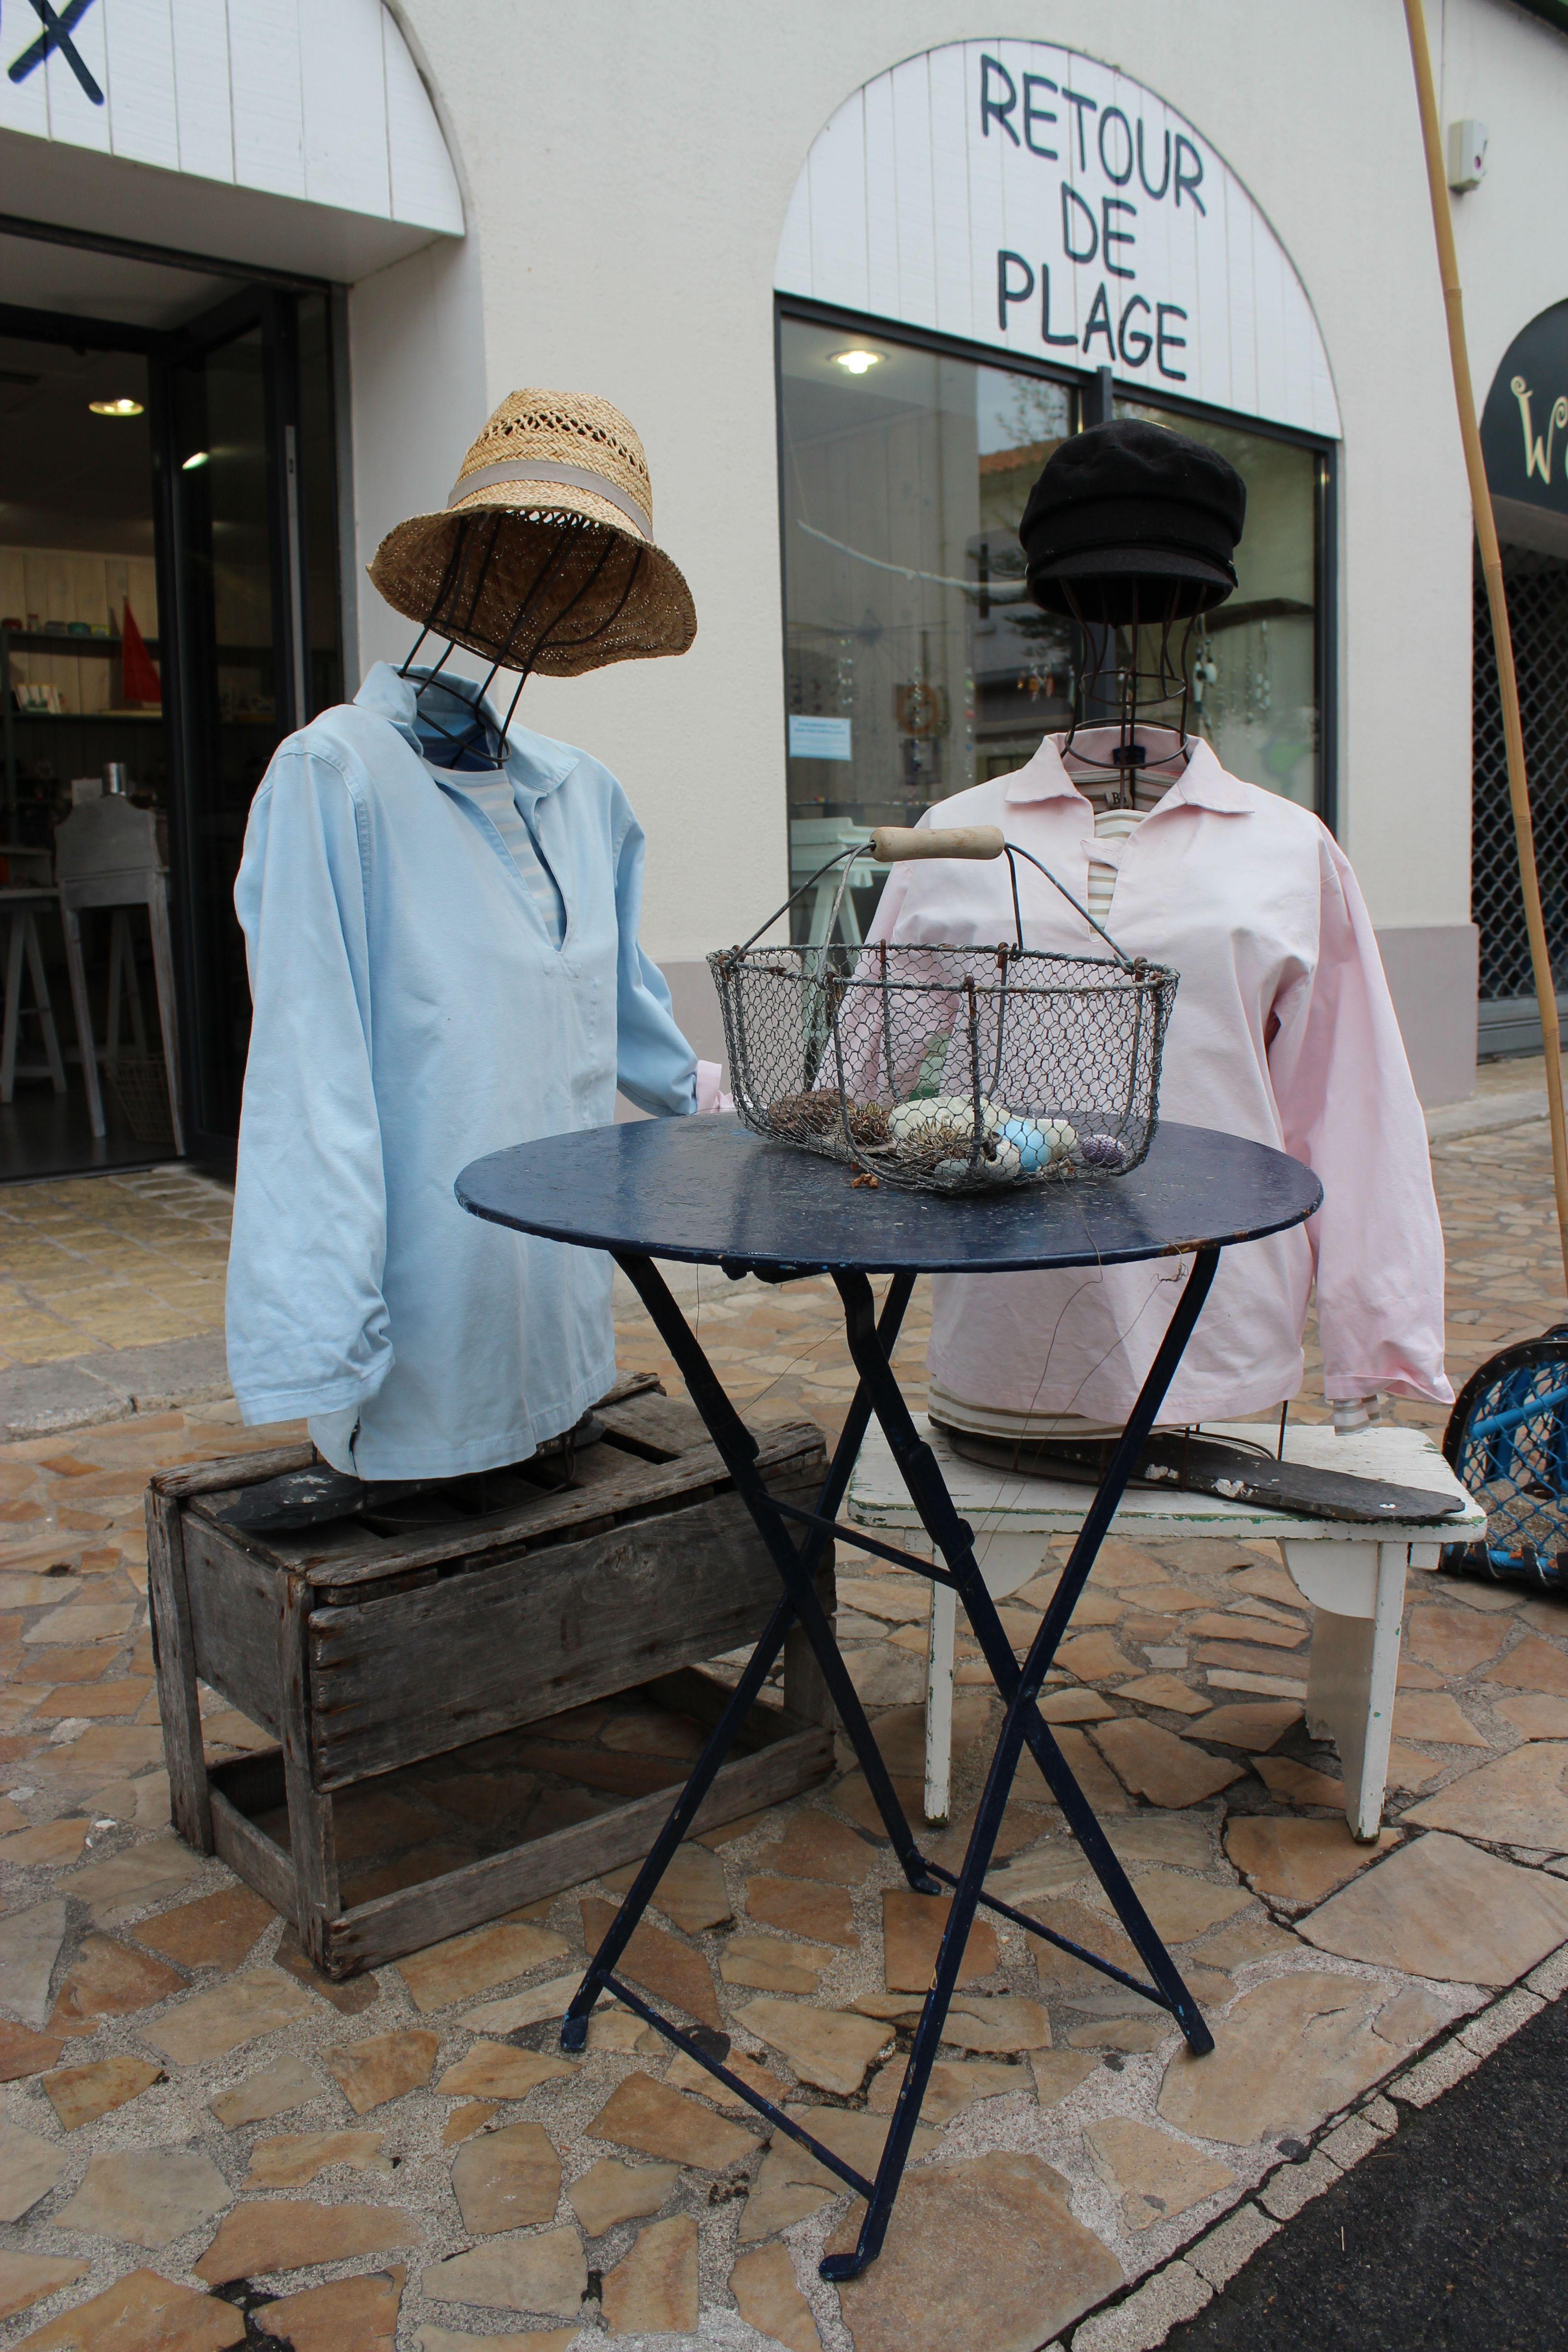 Retour De Plage St Pierre D Oleron Http Www Retourdeplage Fr Boutique Retour De Plage Oleron Boutique